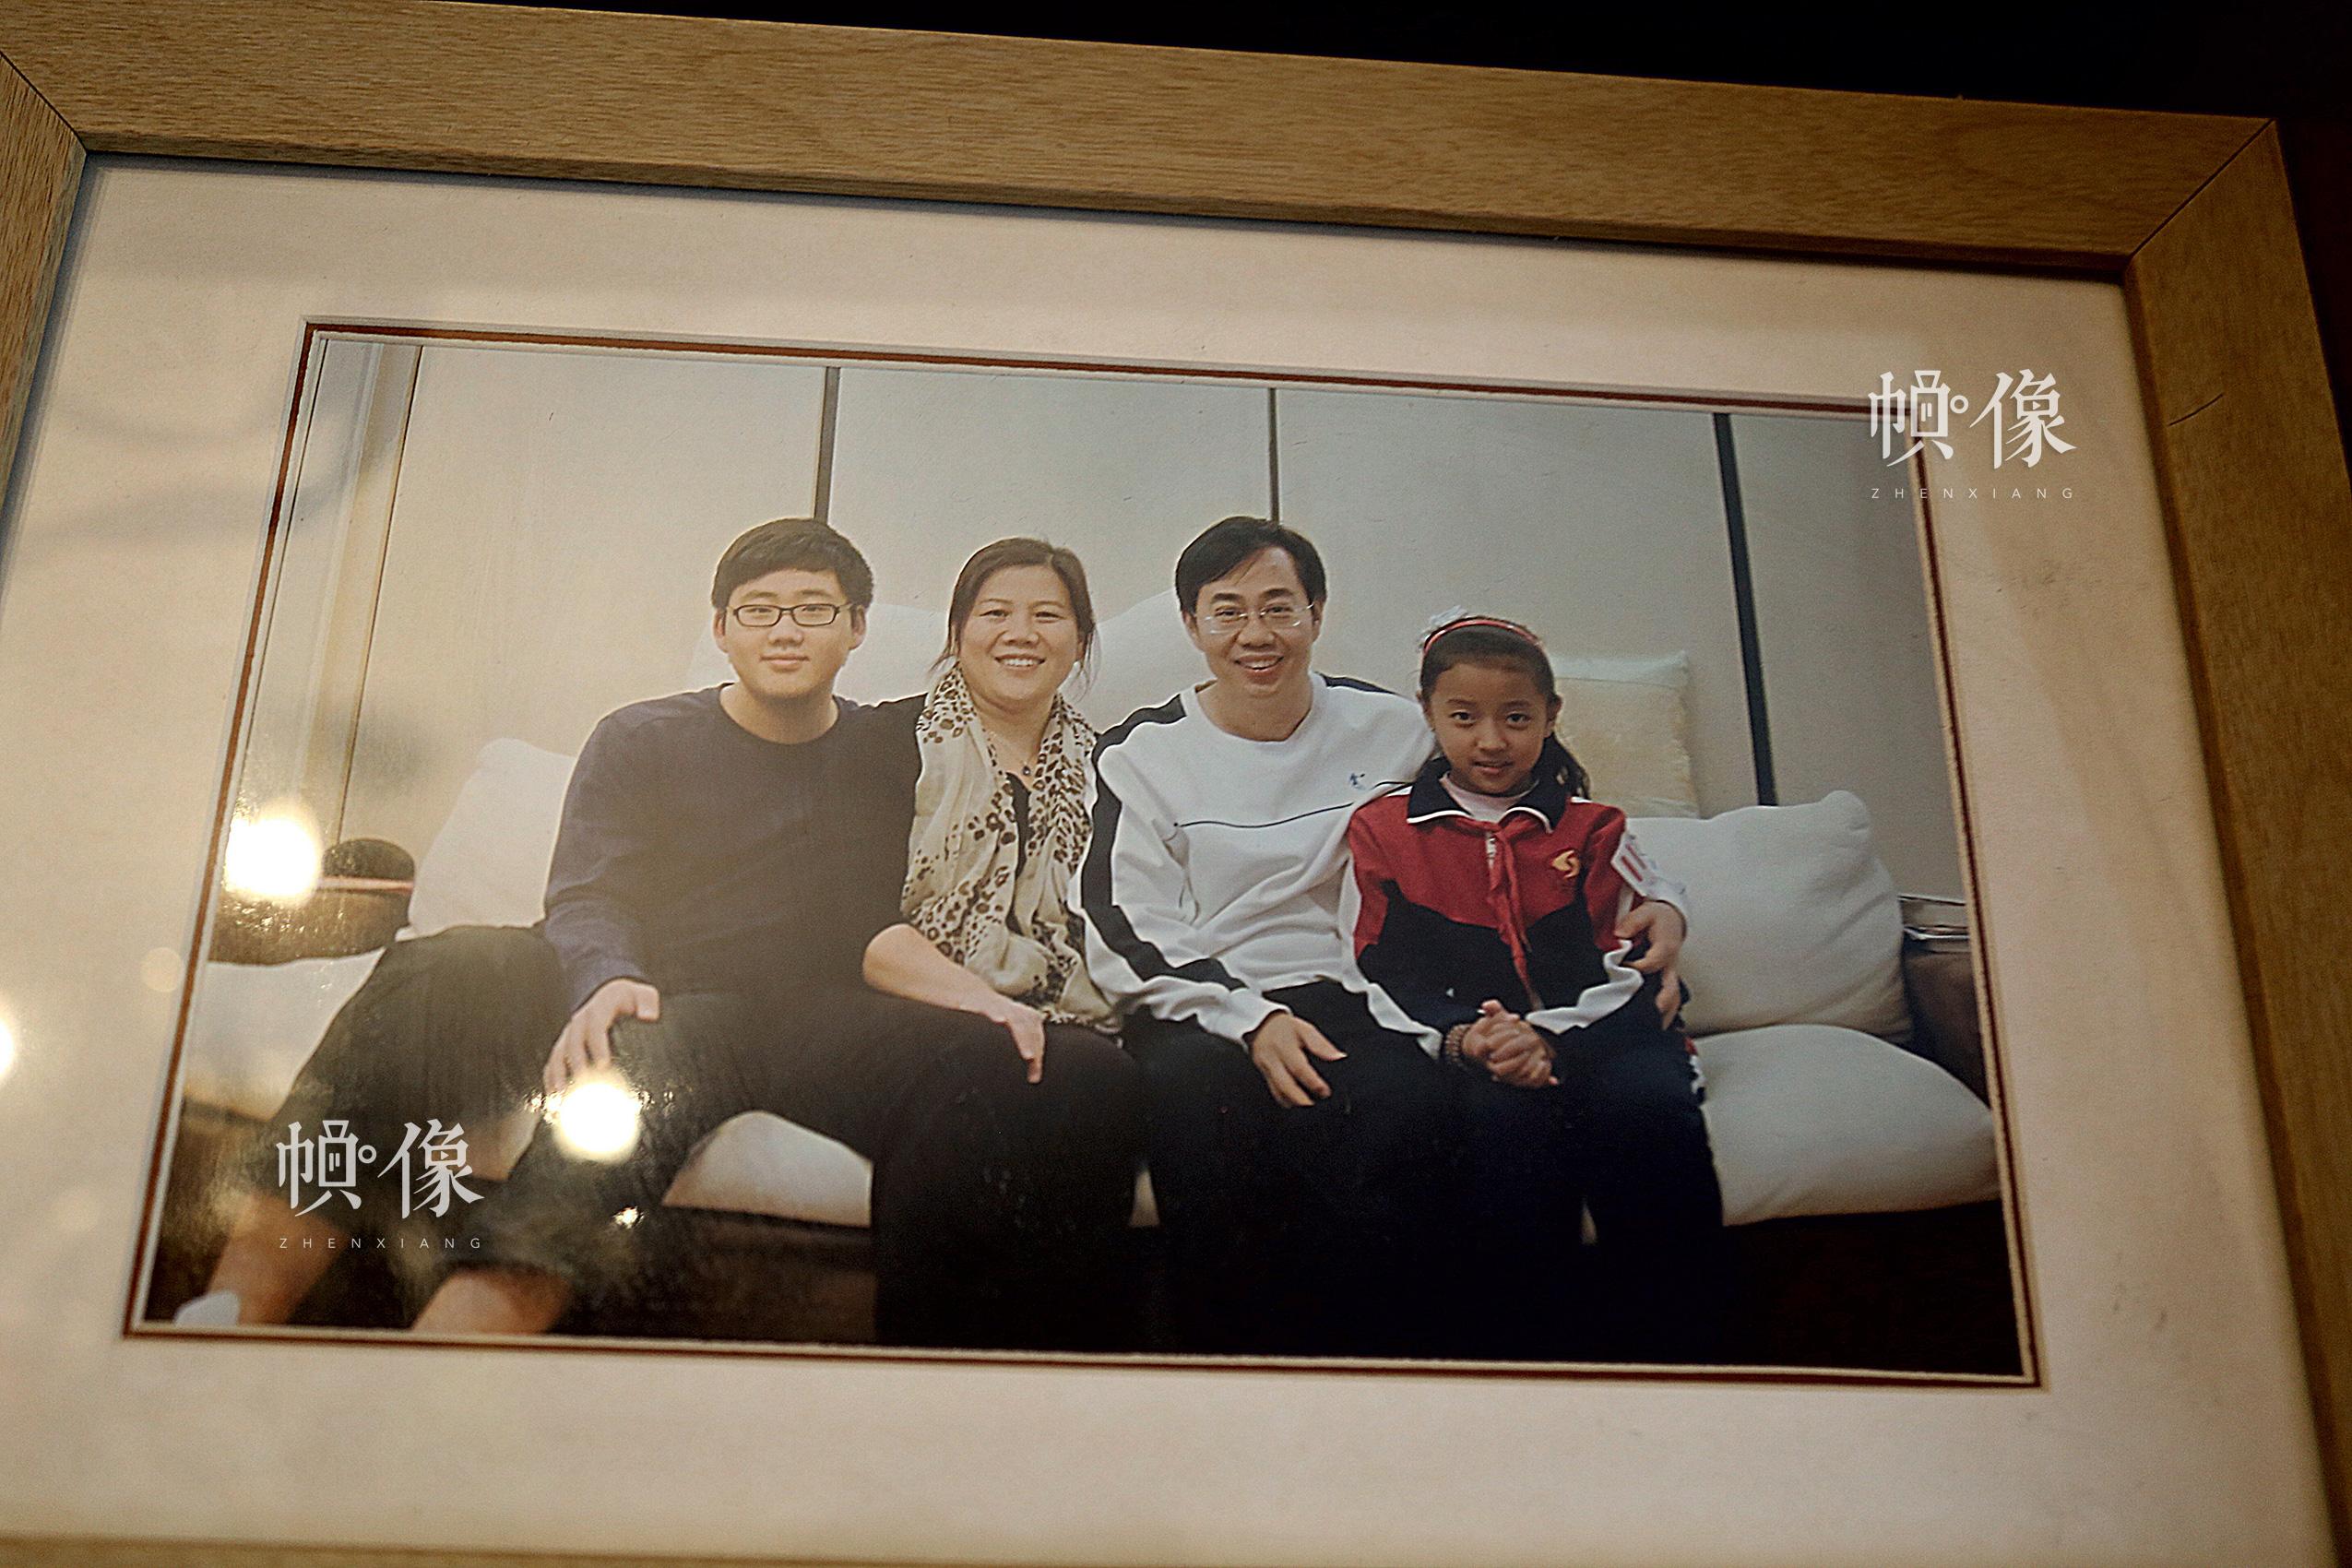 2017年4月8日,北京,德乾尕毛与北京助养家庭的合影。中国网记者 黄富友 摄